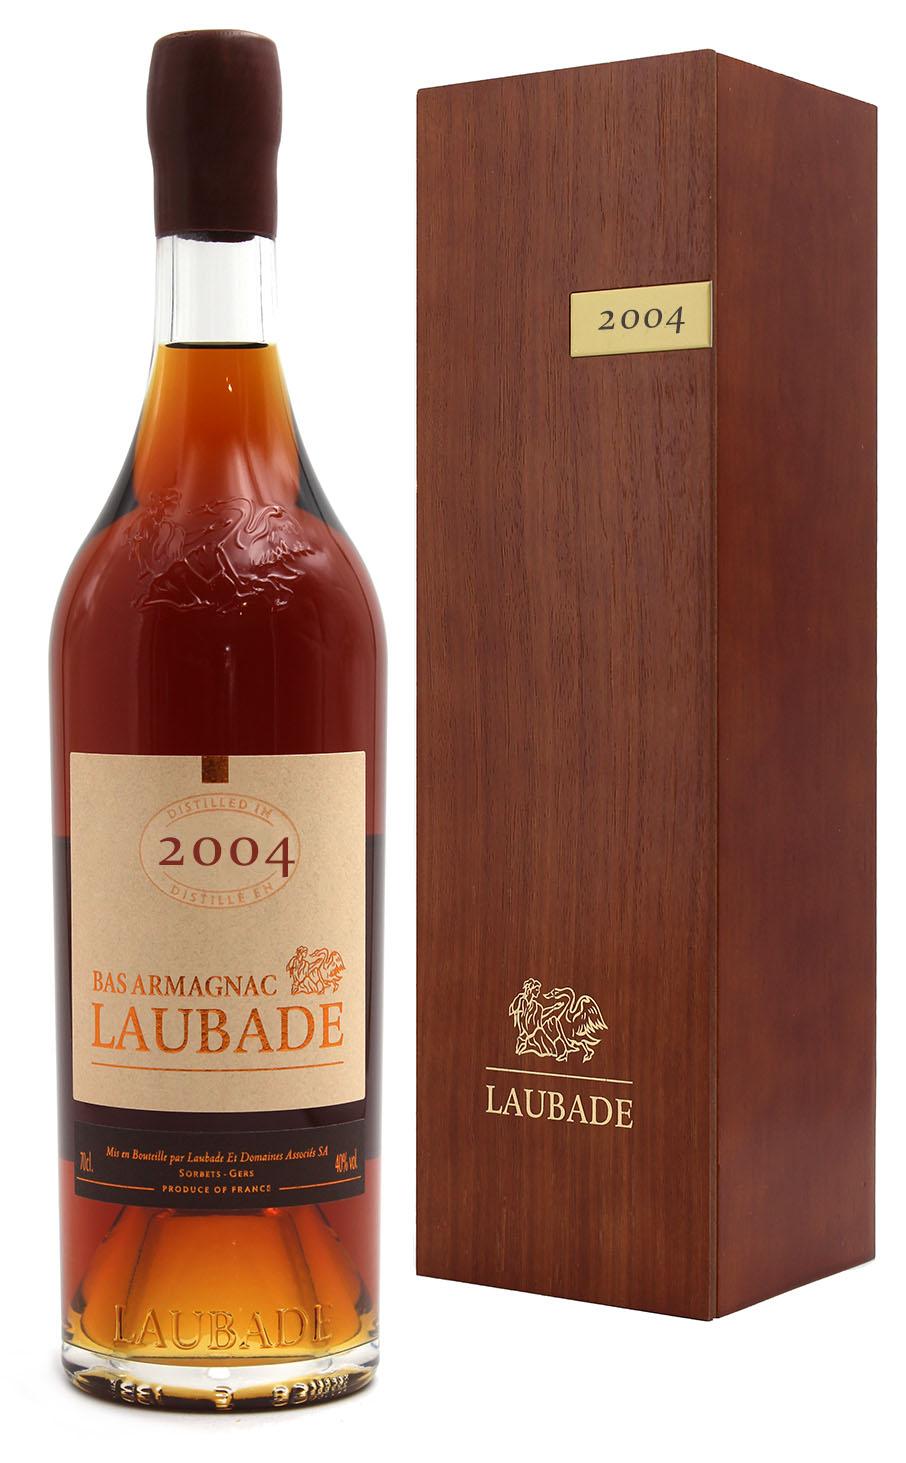 Bas Armagnac Laubade 2004